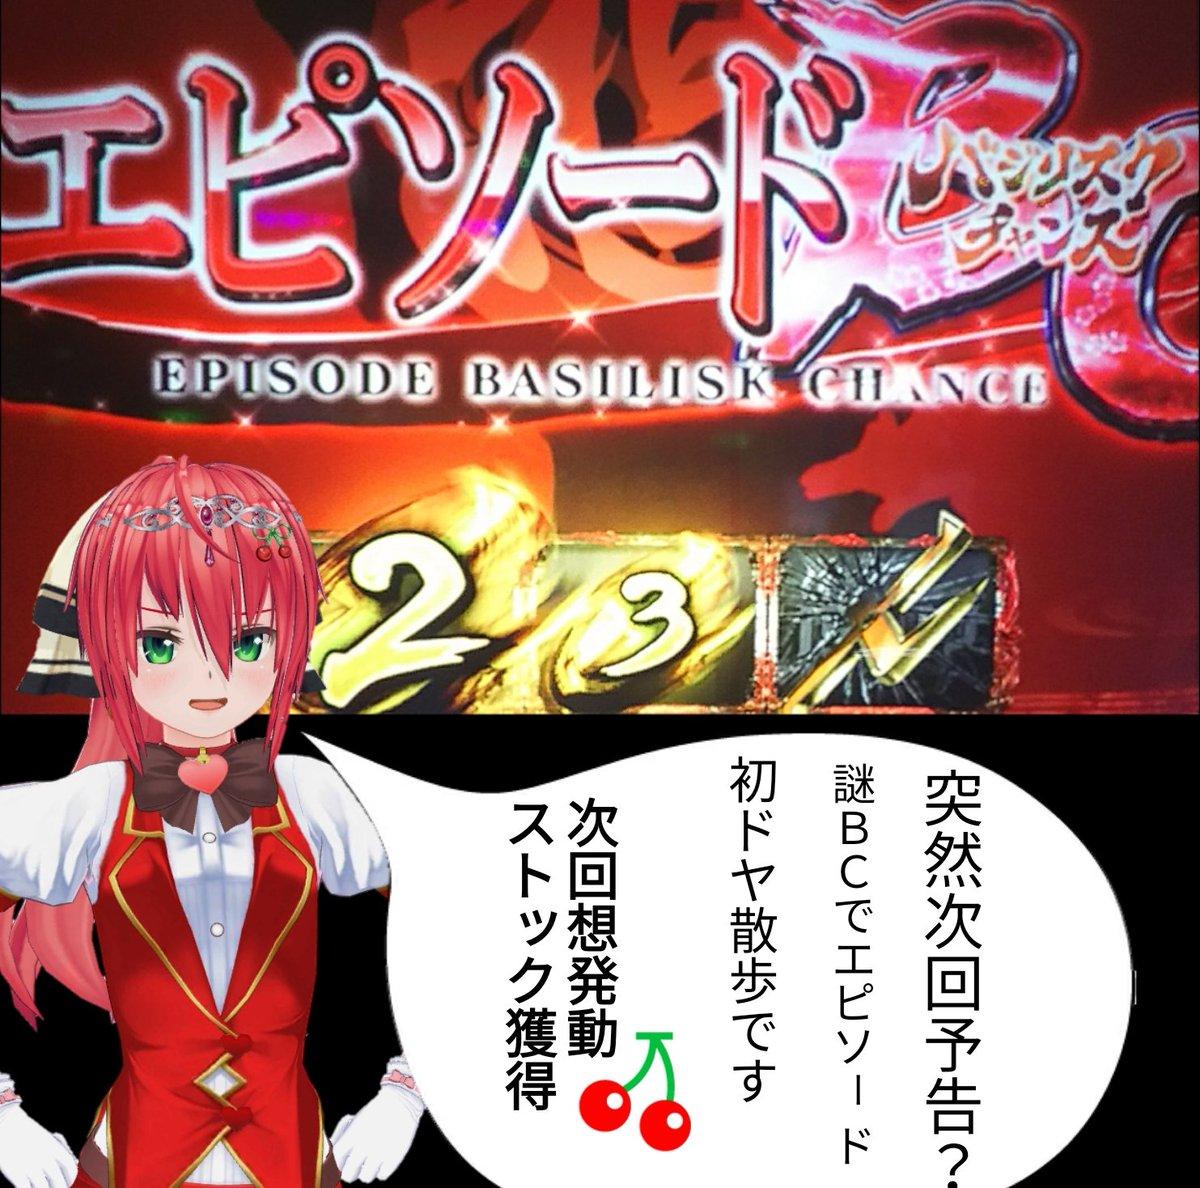 バジリスク 絆 2 エピソード bc